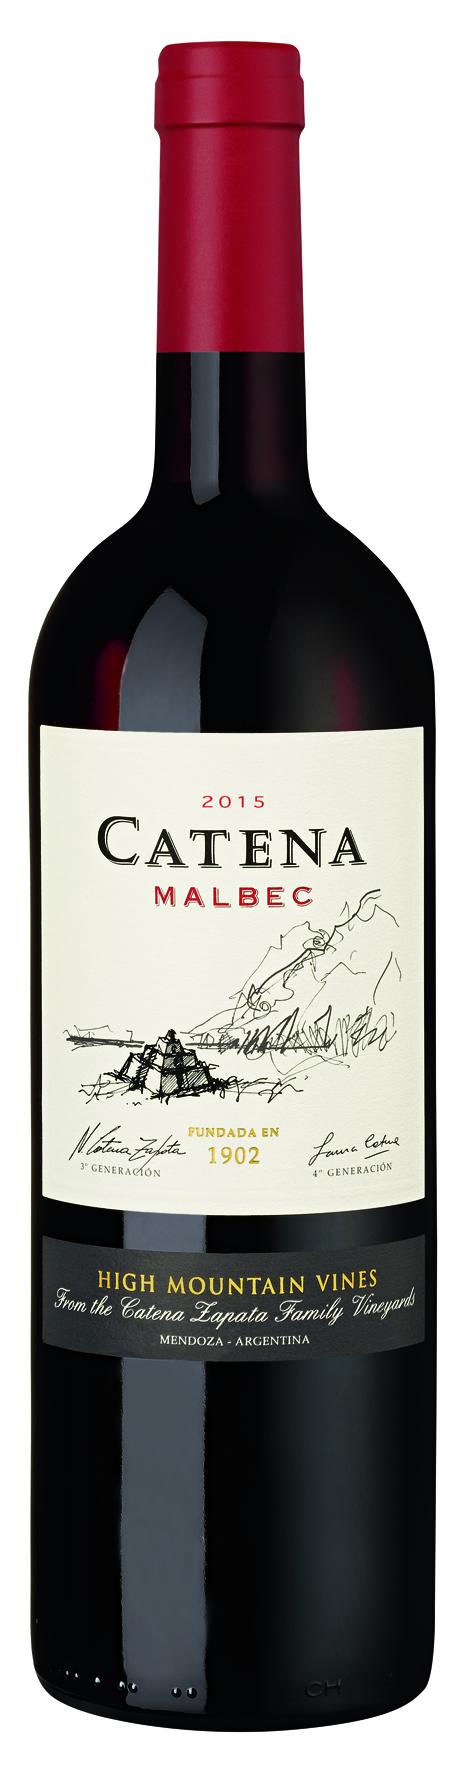 2016 Catena Malbec Magnum - Mendoza, Argentinia